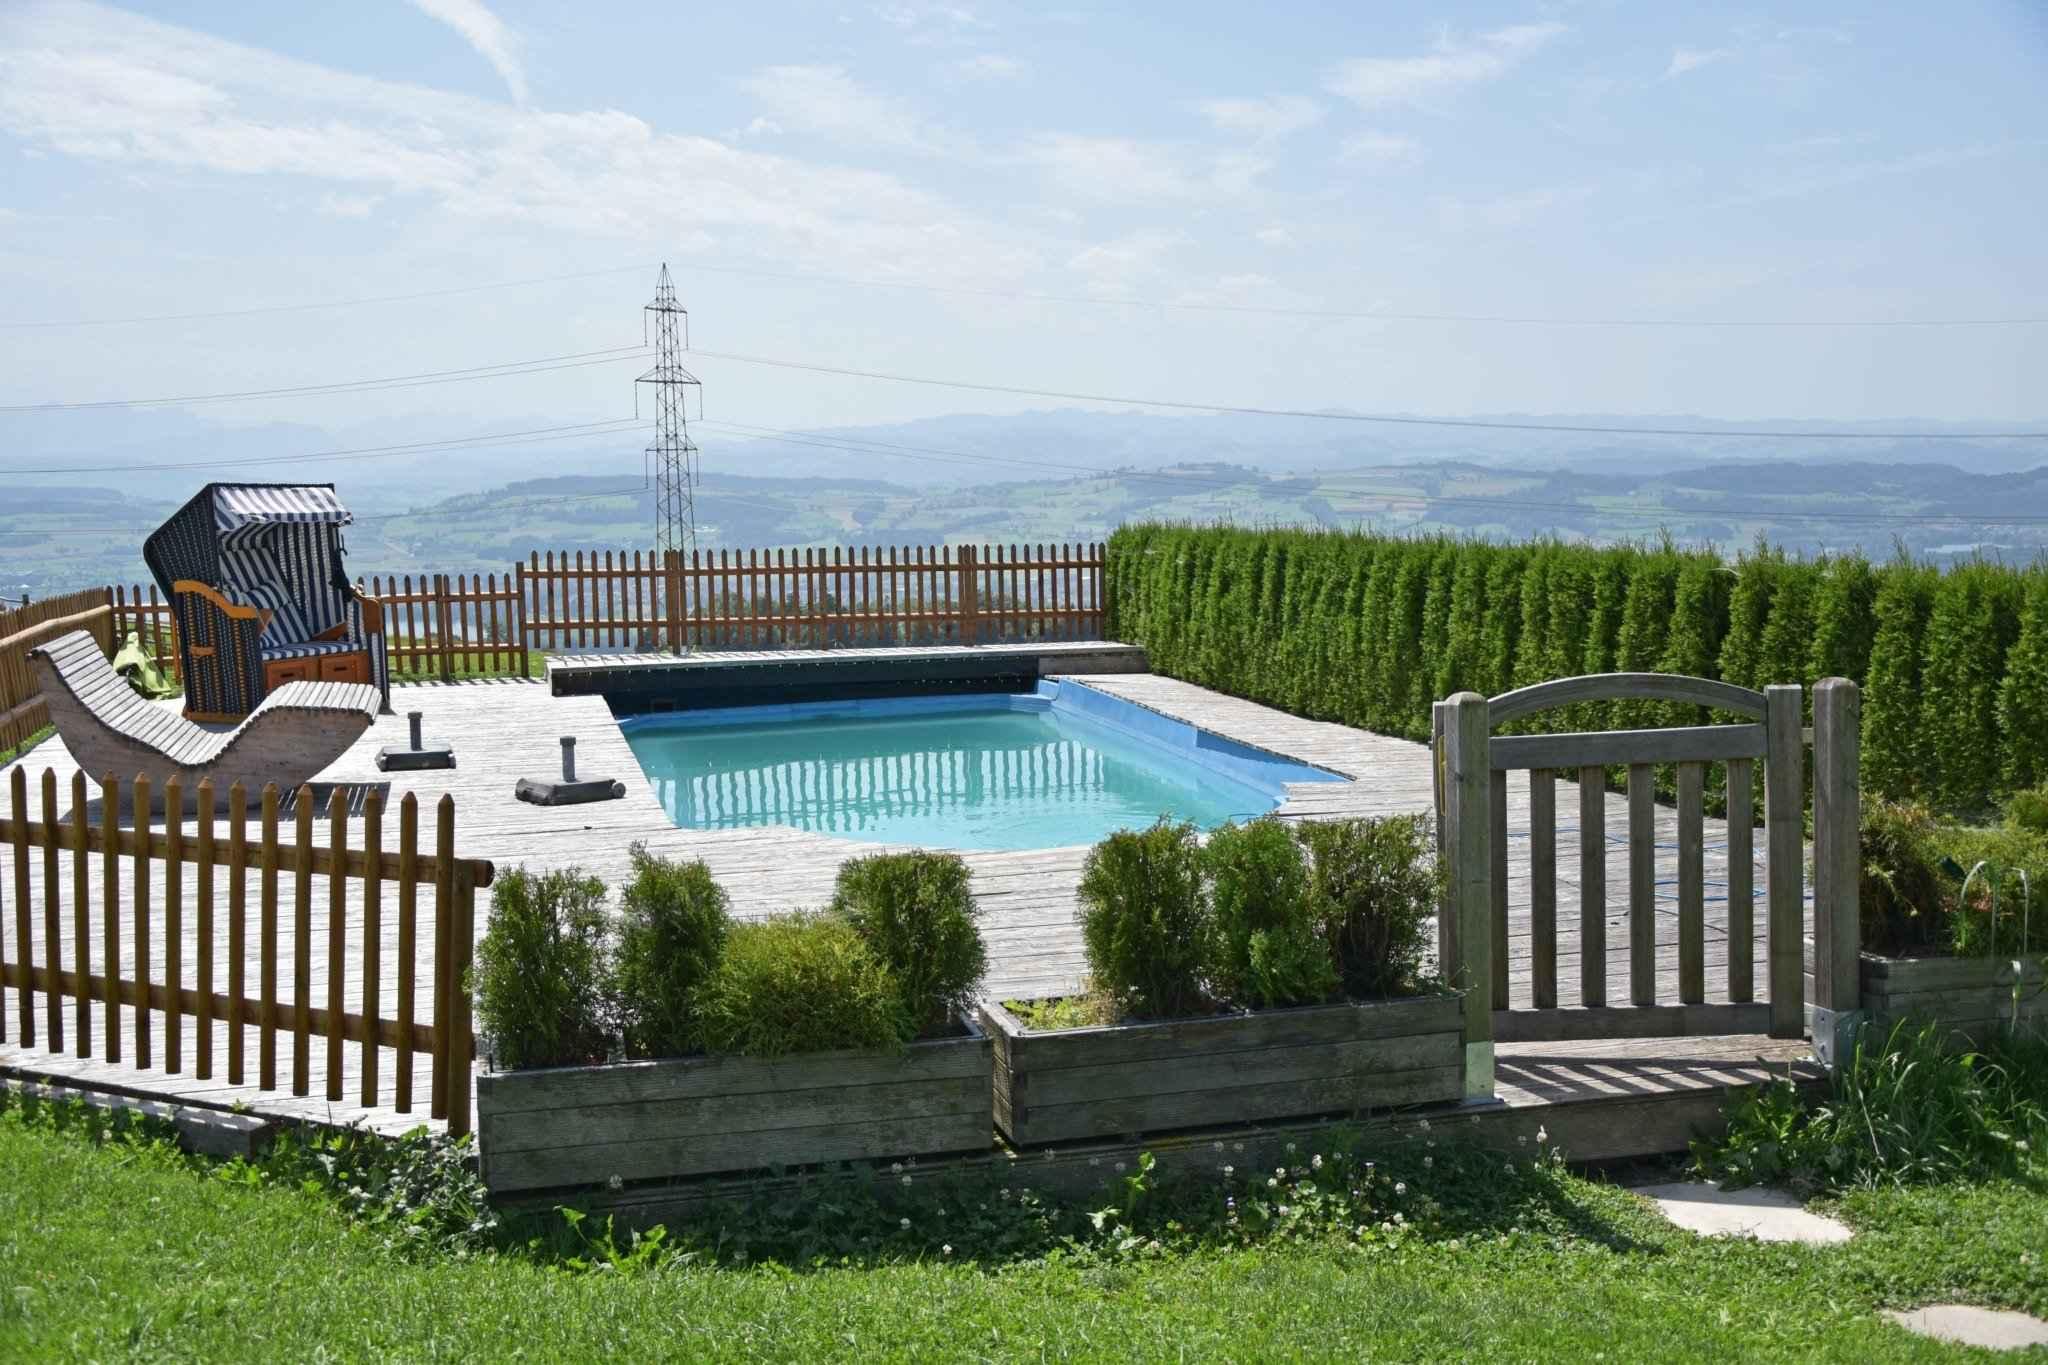 Urlaub in der zentralschweiz im luzerner hinterland the - Die poolbauer ...